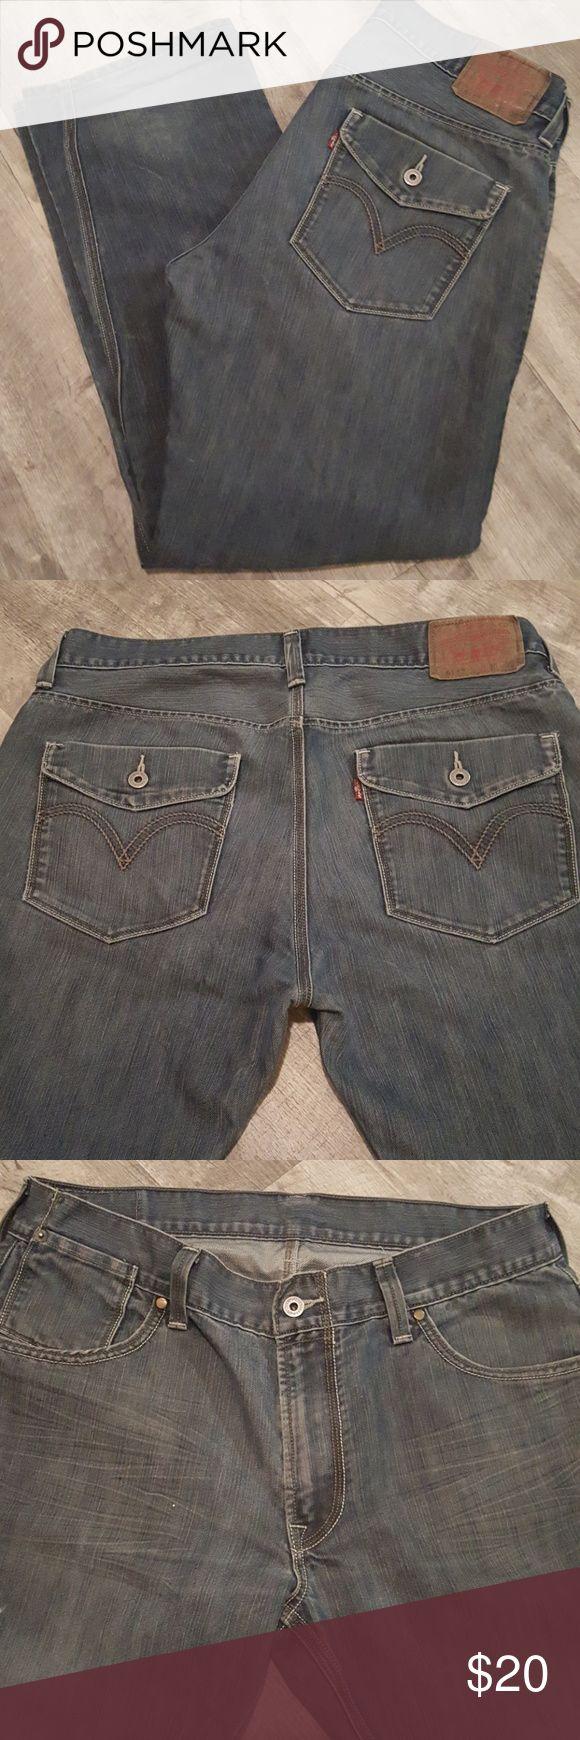 Men's Levi's 514 jeans W36, L30 SALE!!! Distressed Levi's 514 men's jeans waist 36, length 30 with pocket detail. Excellent condition! Levi's Jeans Slim Straight